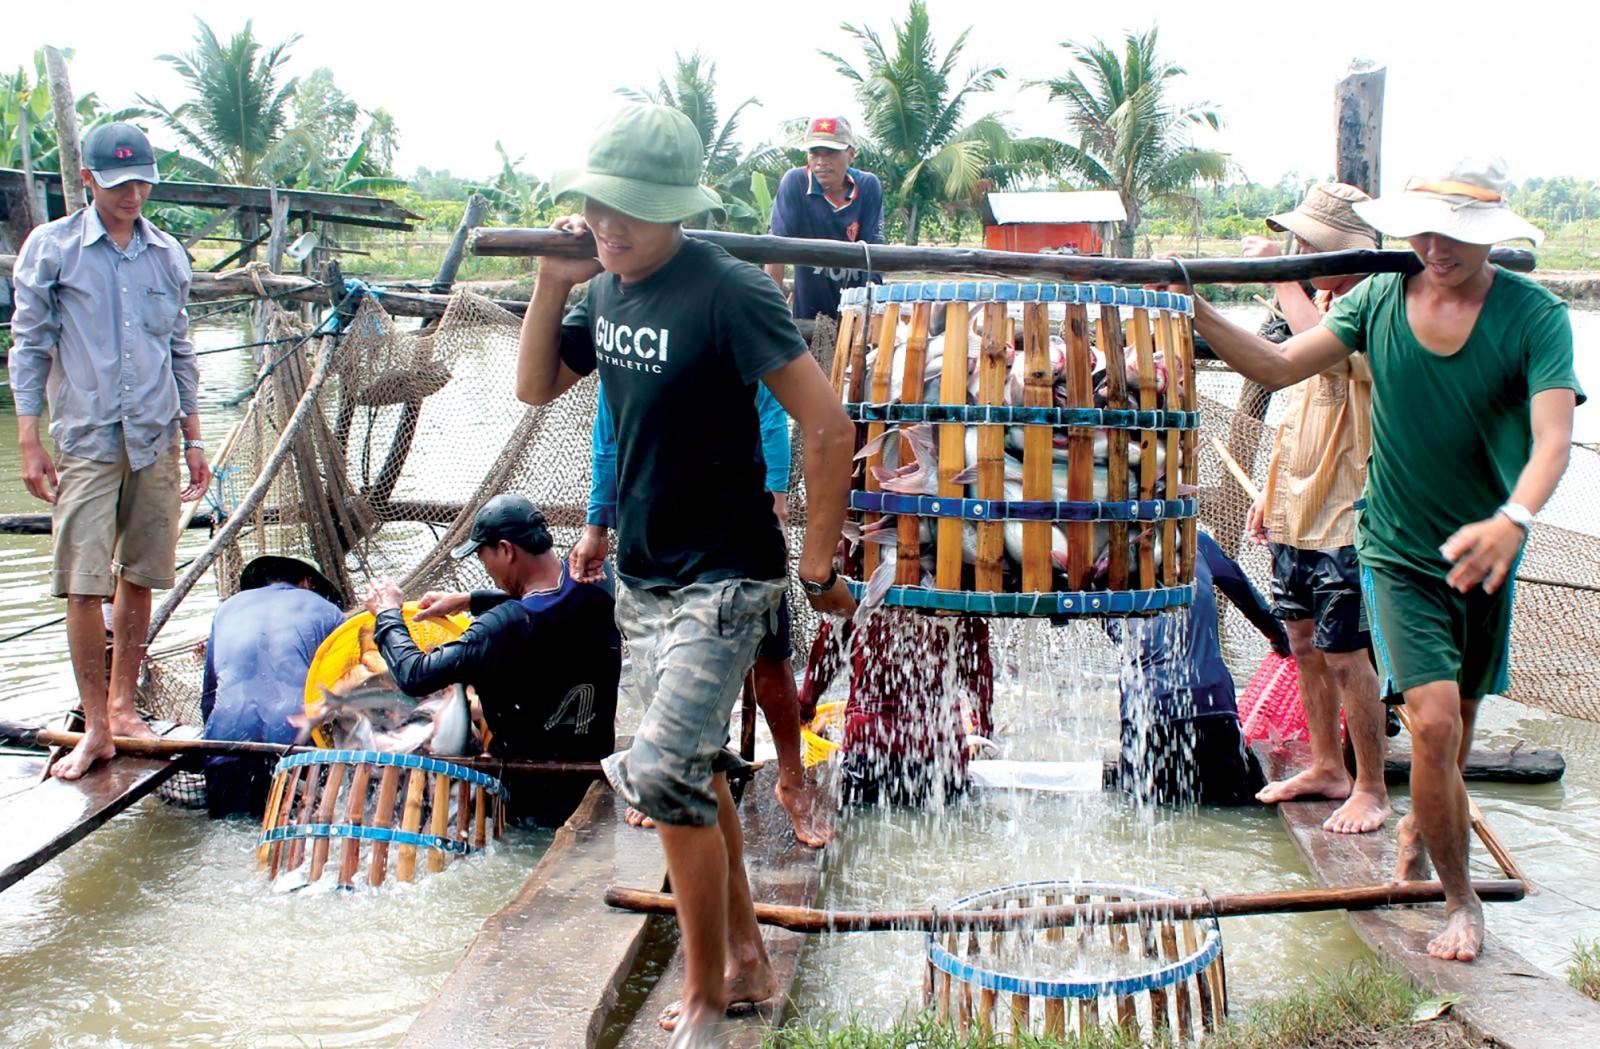 Thu hoạch cá tra tại một hộ dân ở quận Thốt Nốt, TP Cần Thơ. Ảnh: KHÁNH TRUNG